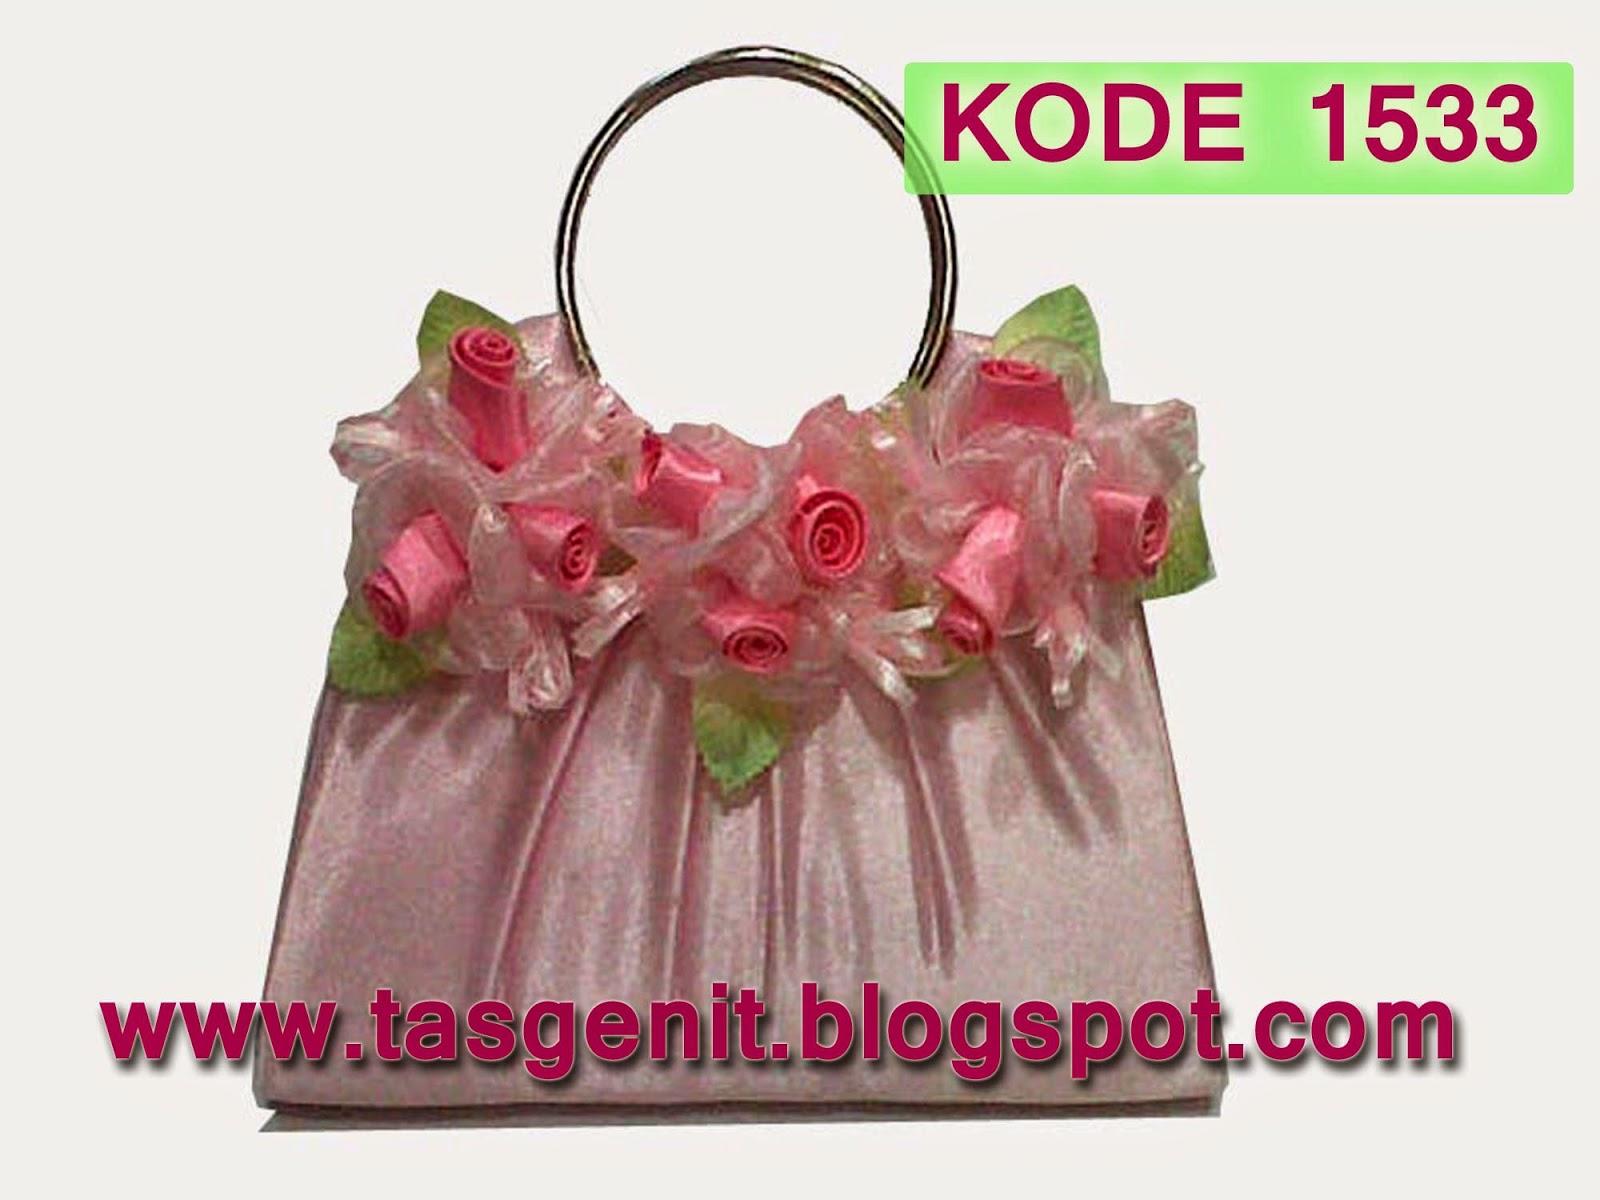 tas pesta online, tas pesta terbaru, clutch bag pink, dompet pesta bunga, model tas terbaru 2015